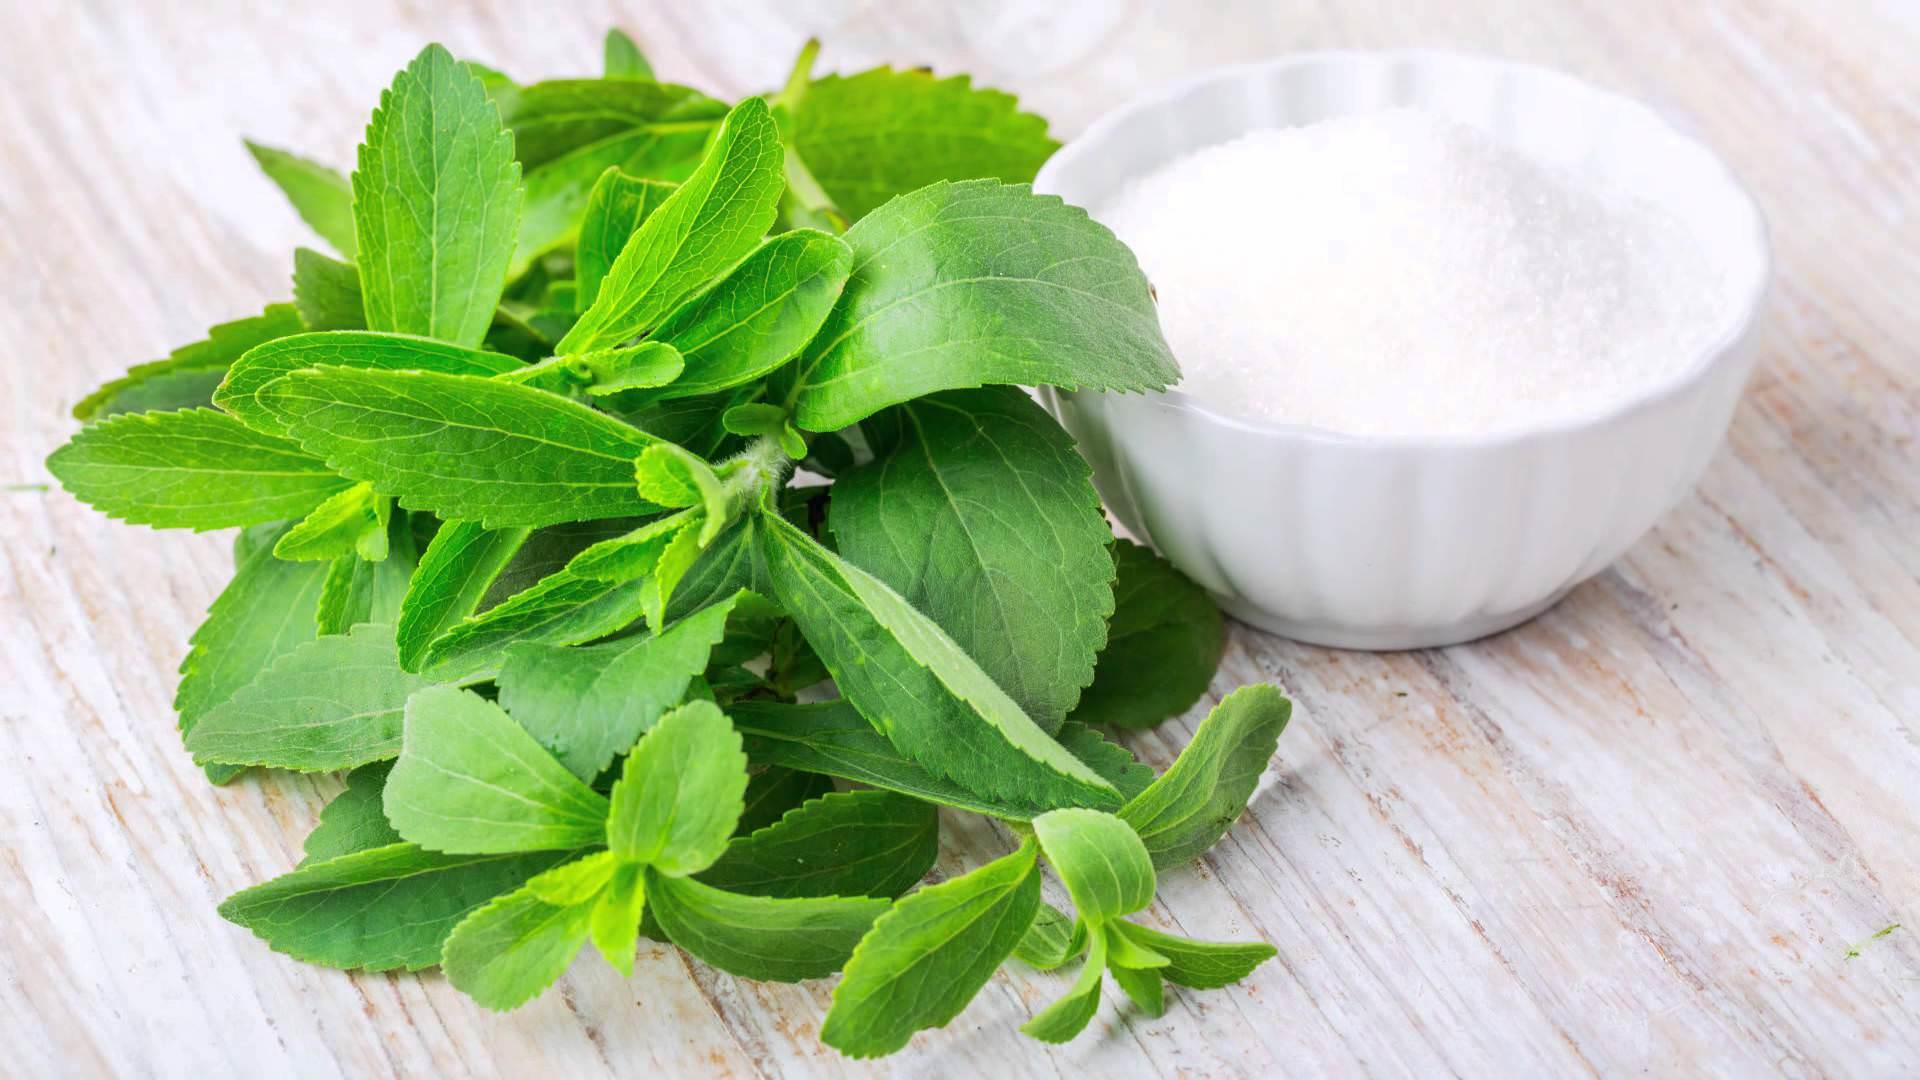 Сладкий двулистник – это самый полезный продукт из природных заменителей сахара, эффективный энергетический источник и лучшее терапевтическое средство